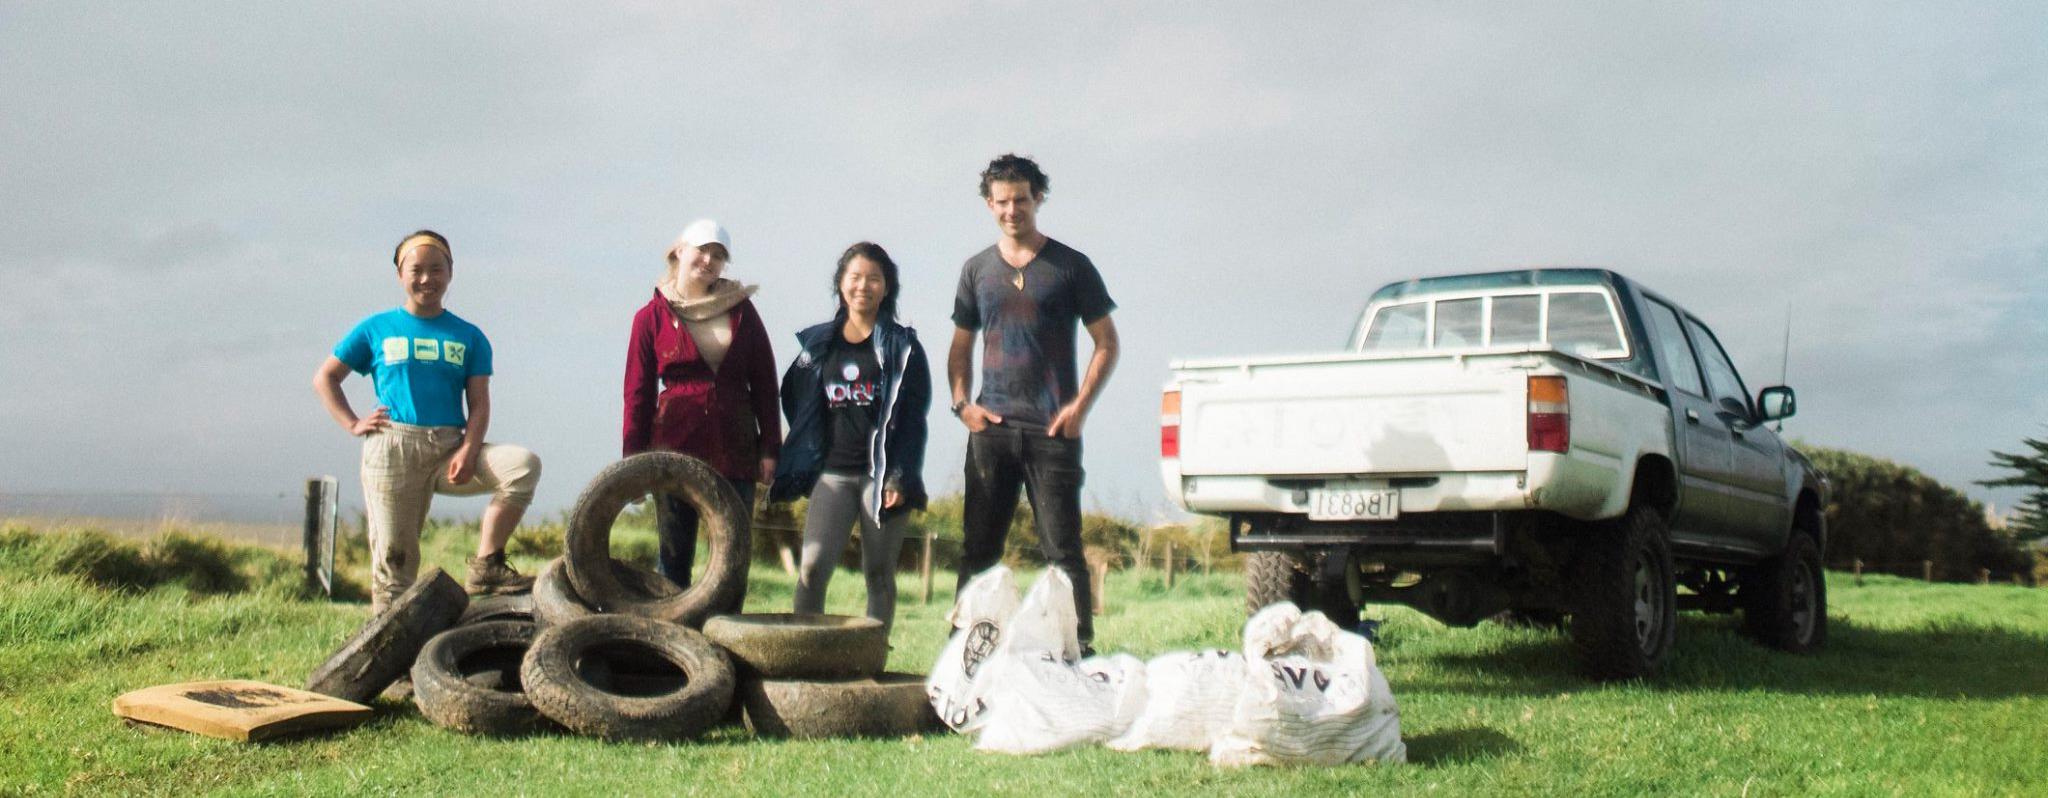 Volunteer in New Zealand